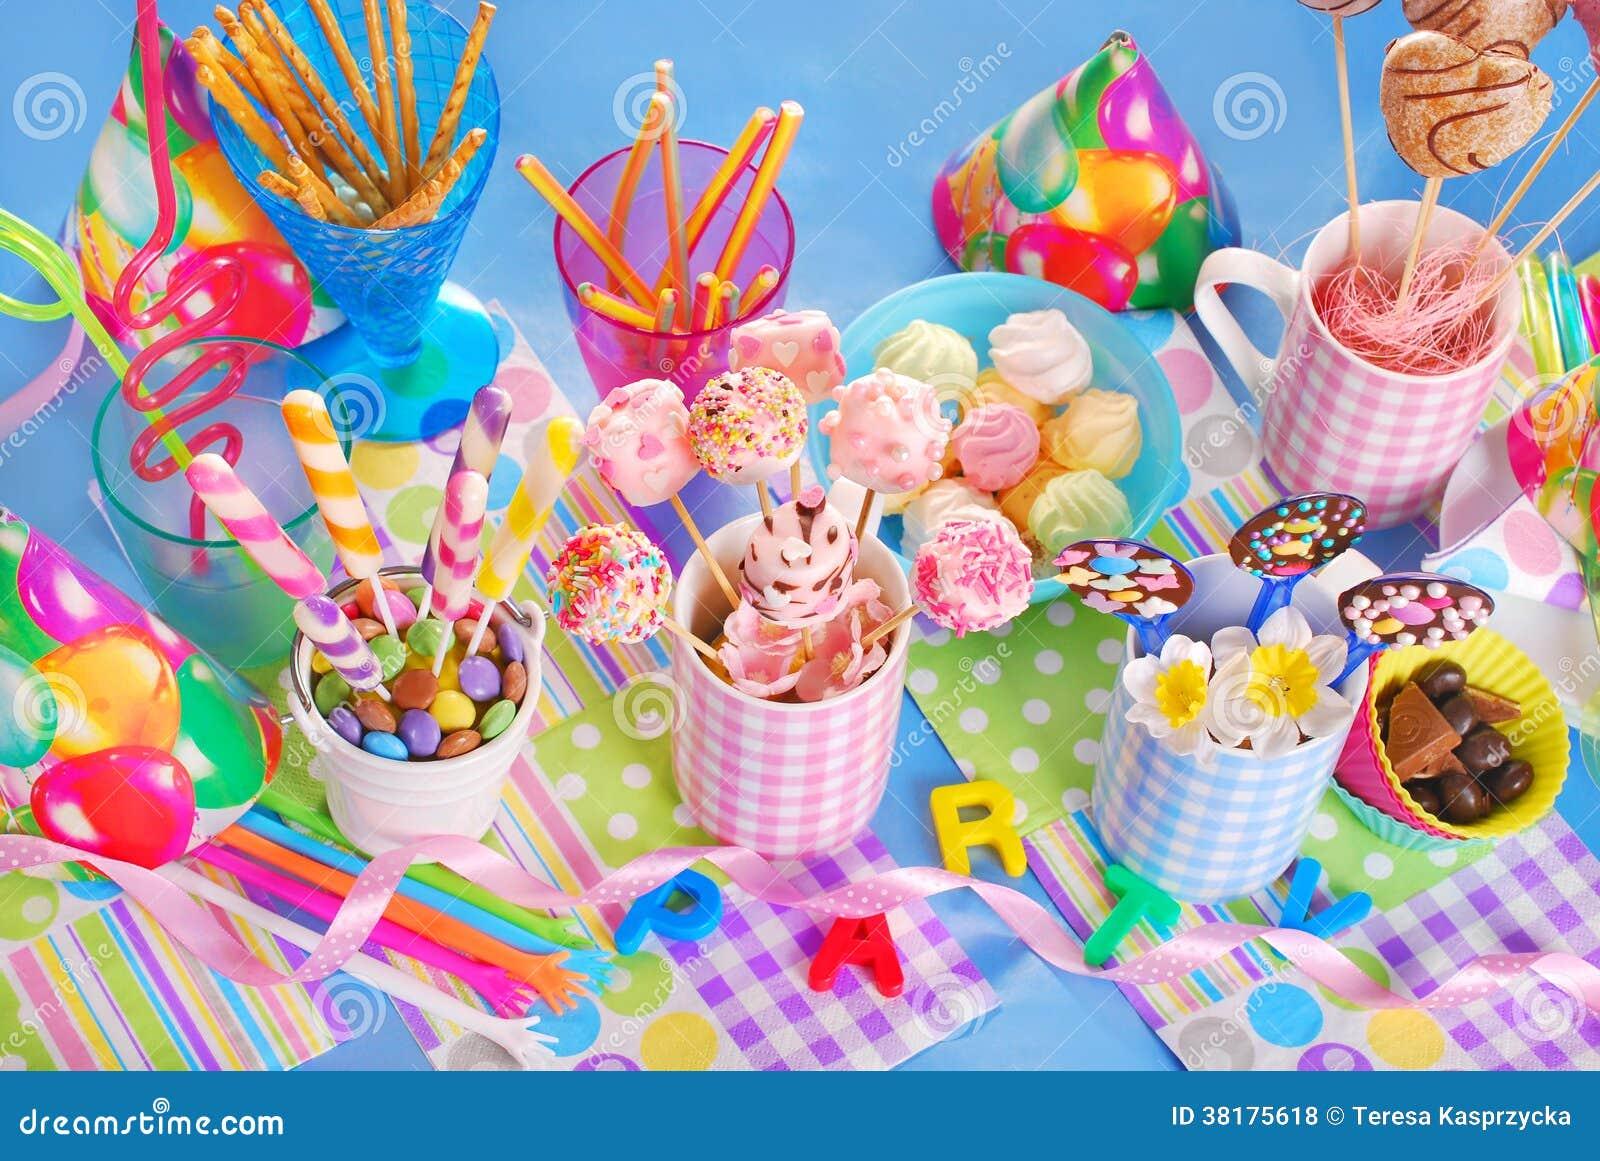 table de f te d 39 anniversaire avec des bonbons pour des enfants photos libres de droits image. Black Bedroom Furniture Sets. Home Design Ideas